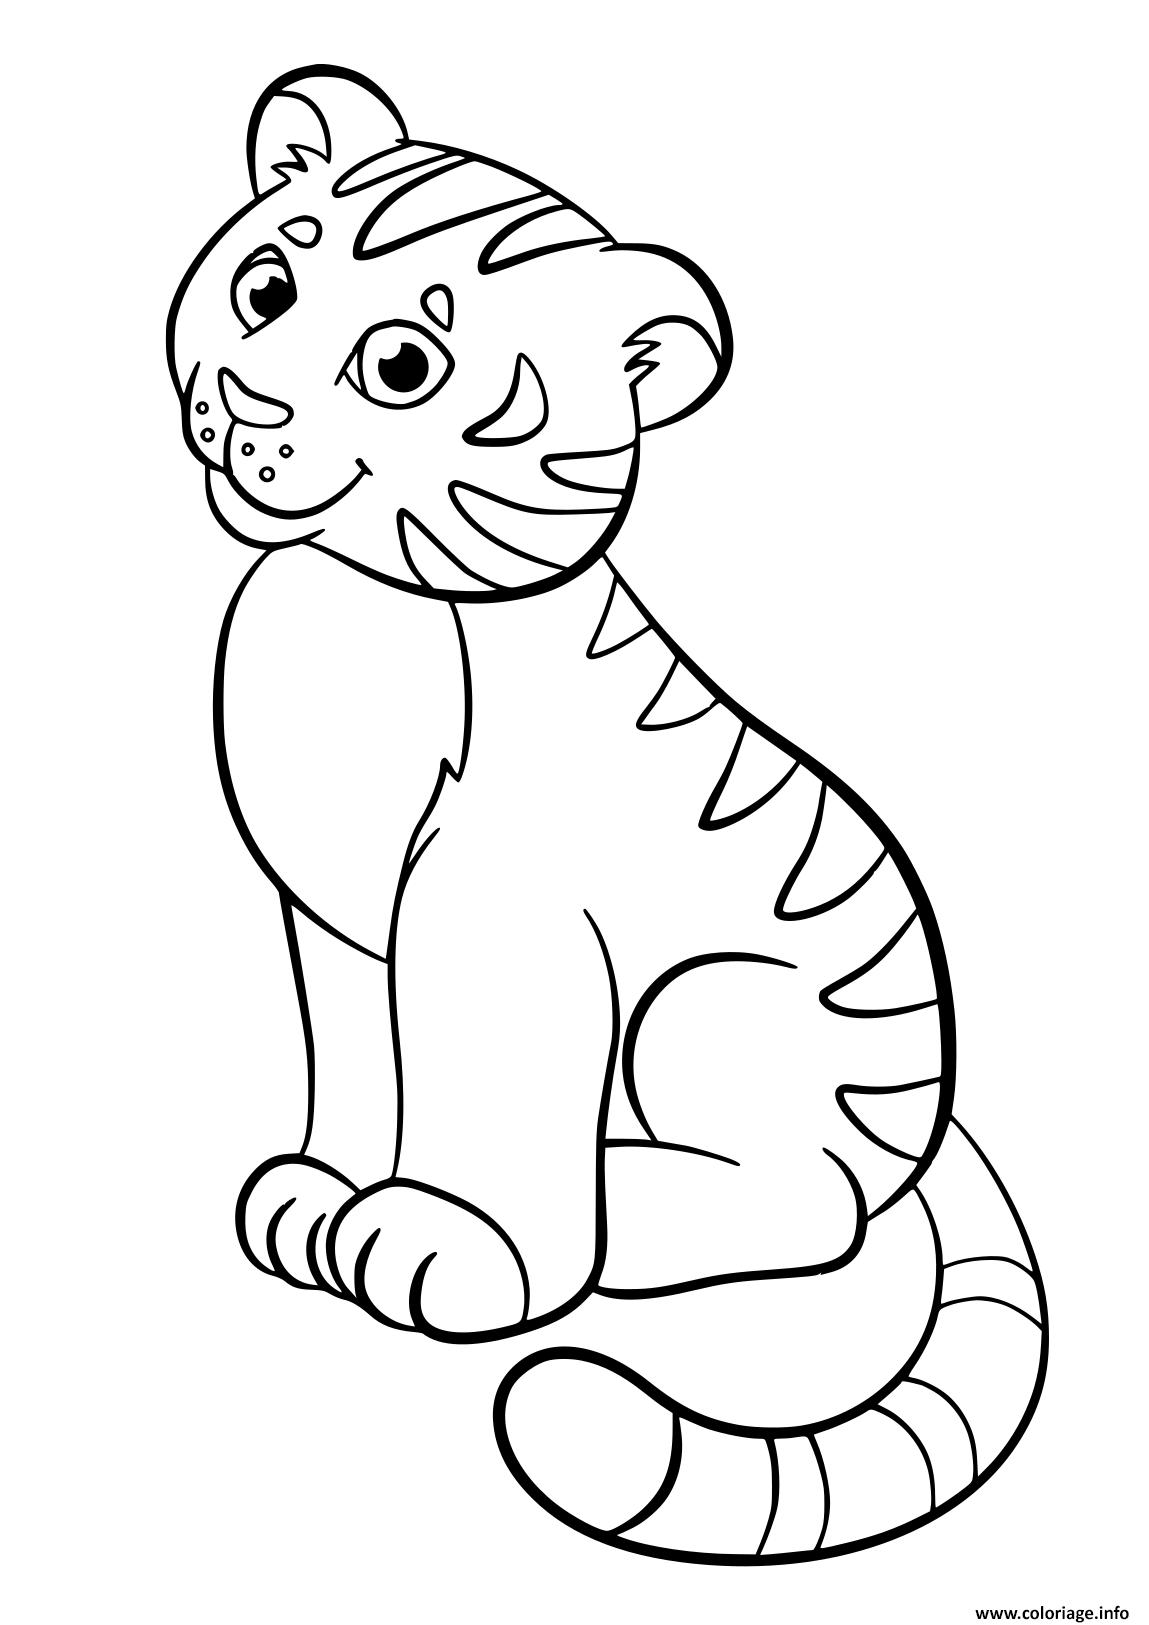 Dessin tigresse assise et souriante Coloriage Gratuit à Imprimer